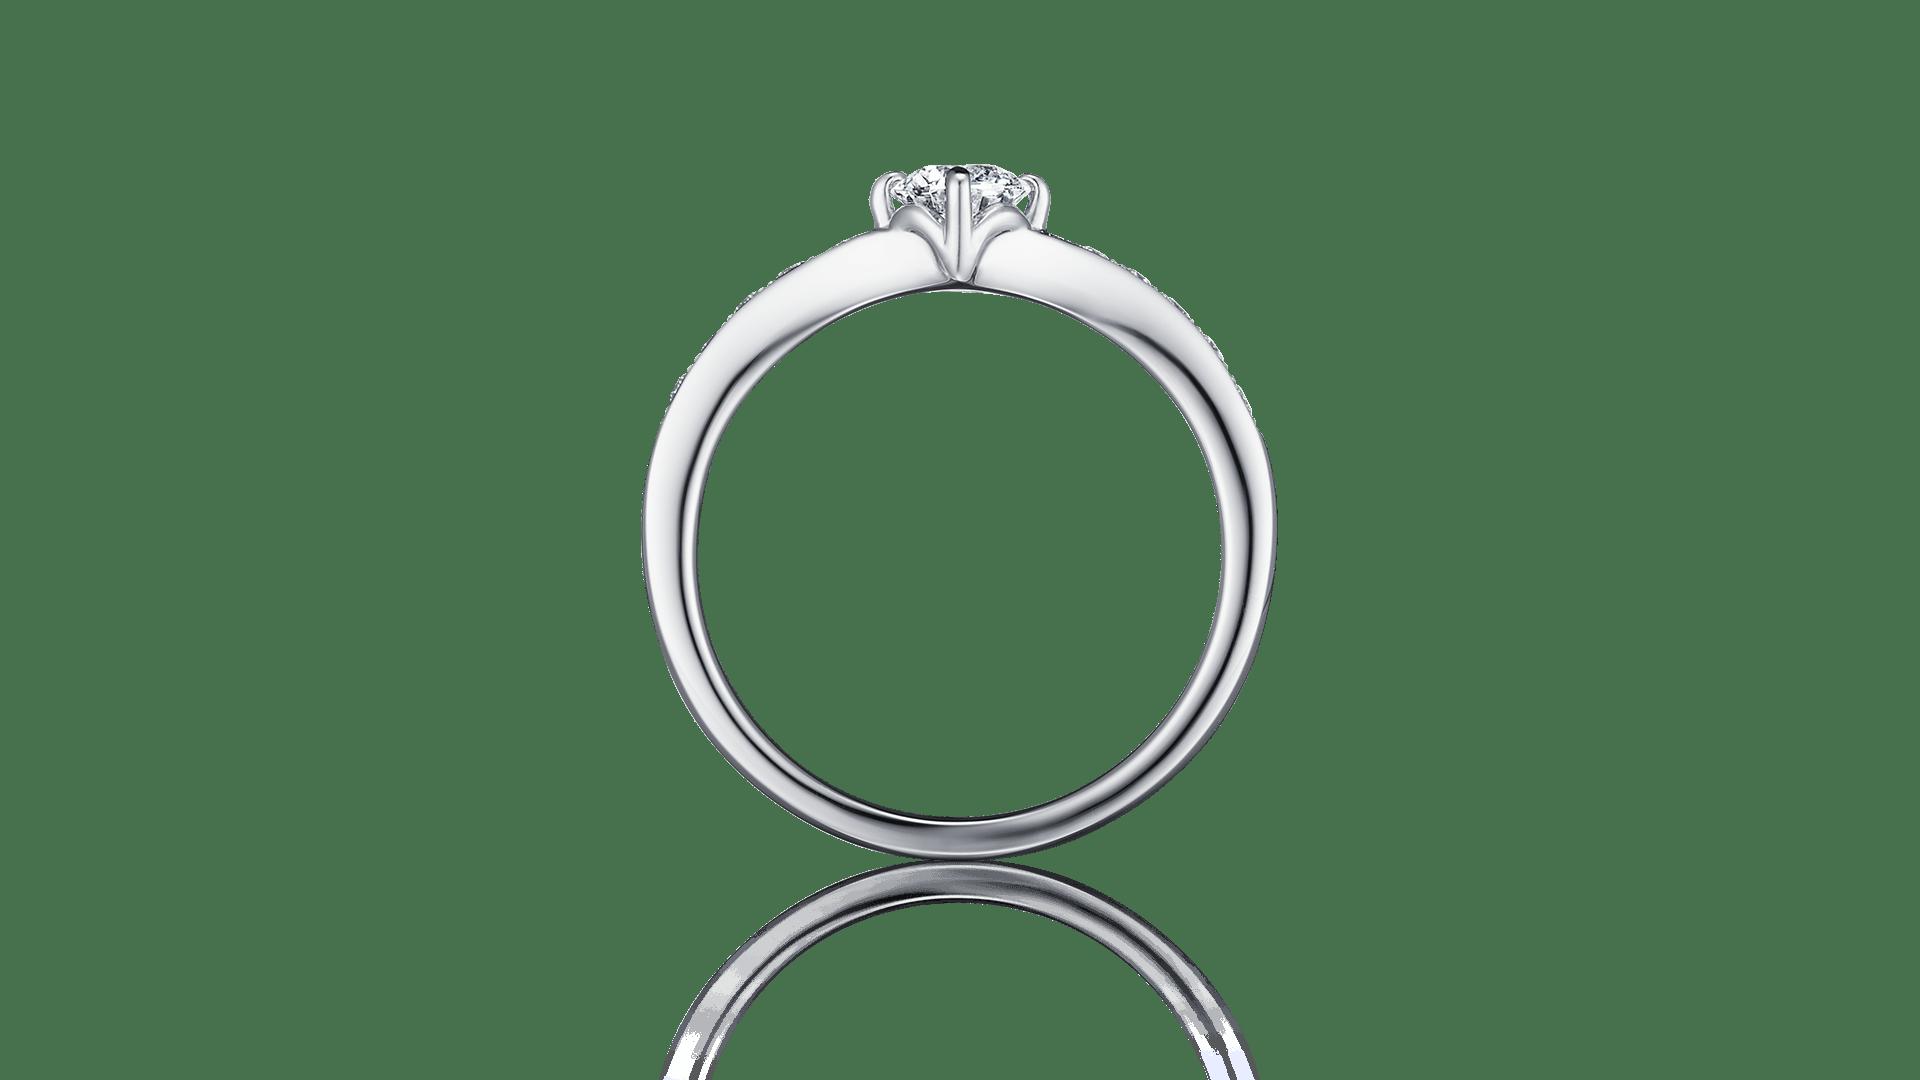 lilium リリウム | 婚約指輪サムネイル 2